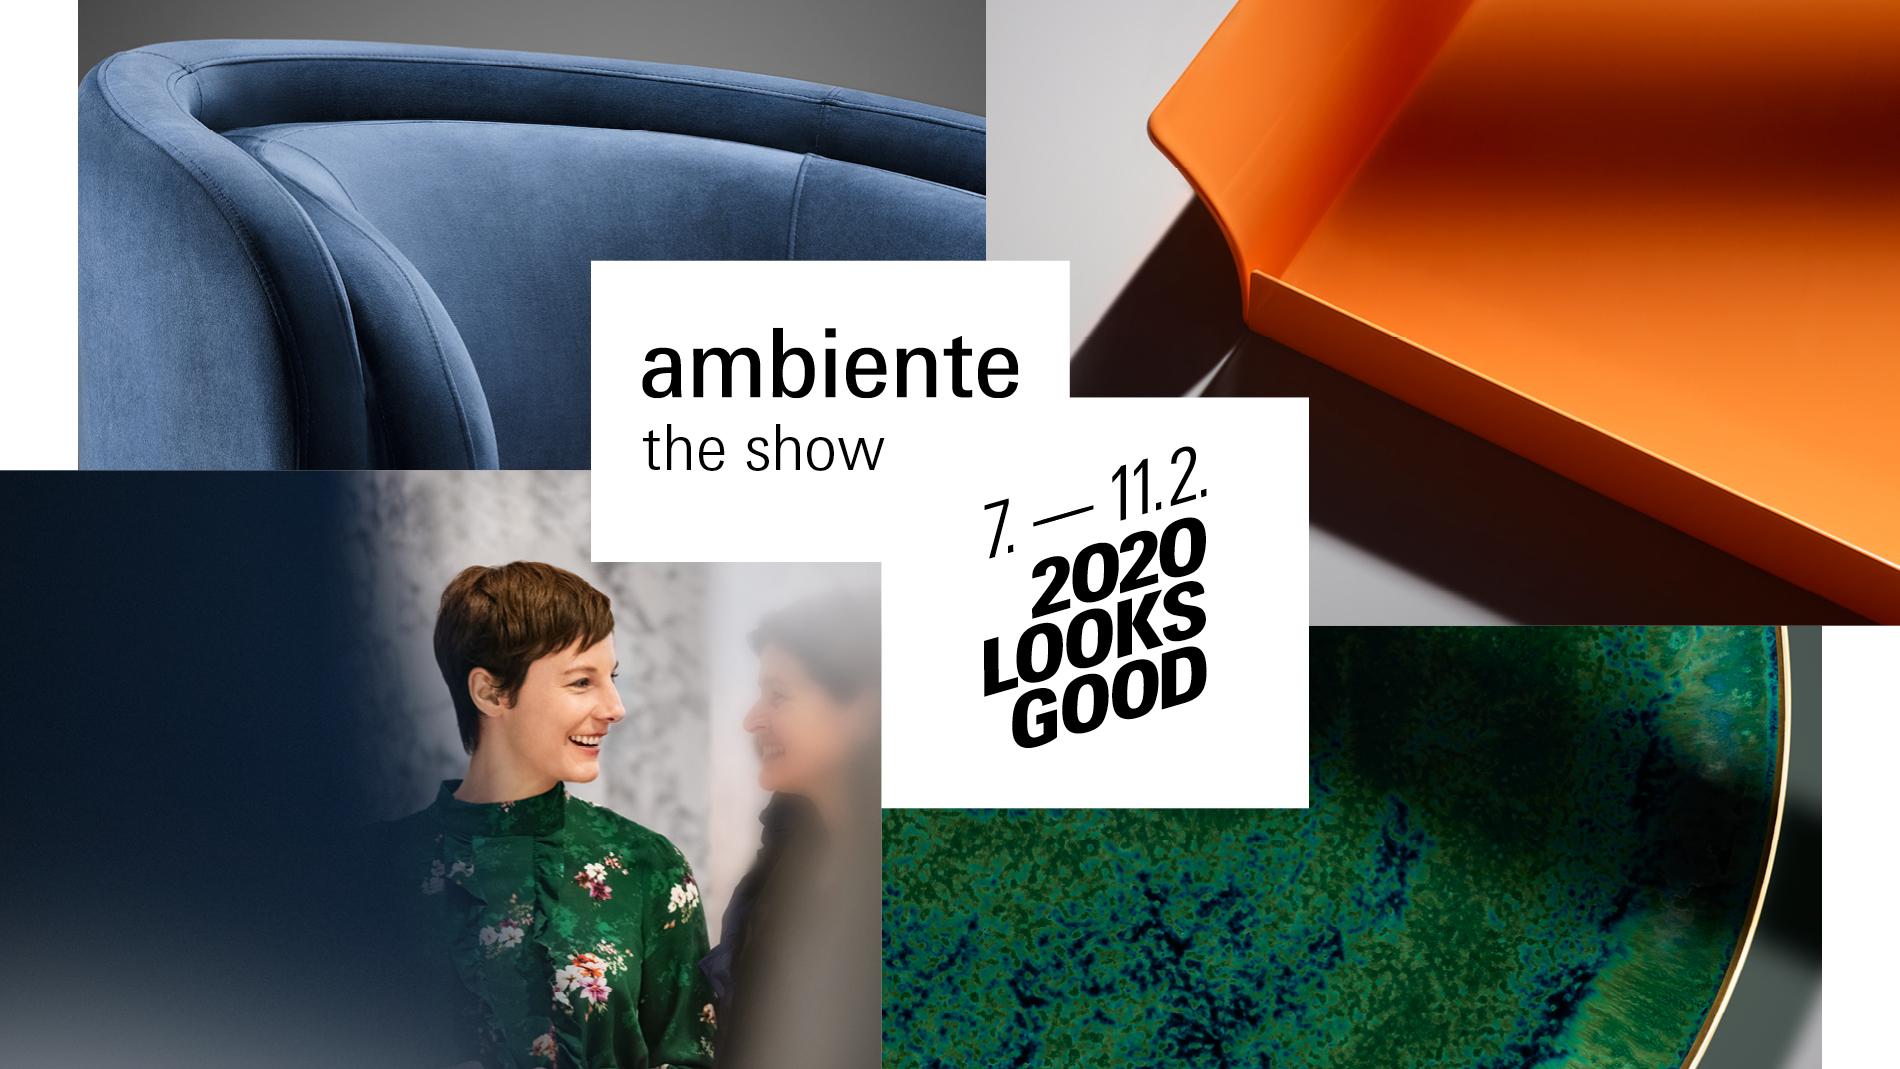 ドイツフランクフルトで開催される展示会「アンビエンテ」の開催を告知する画像です。